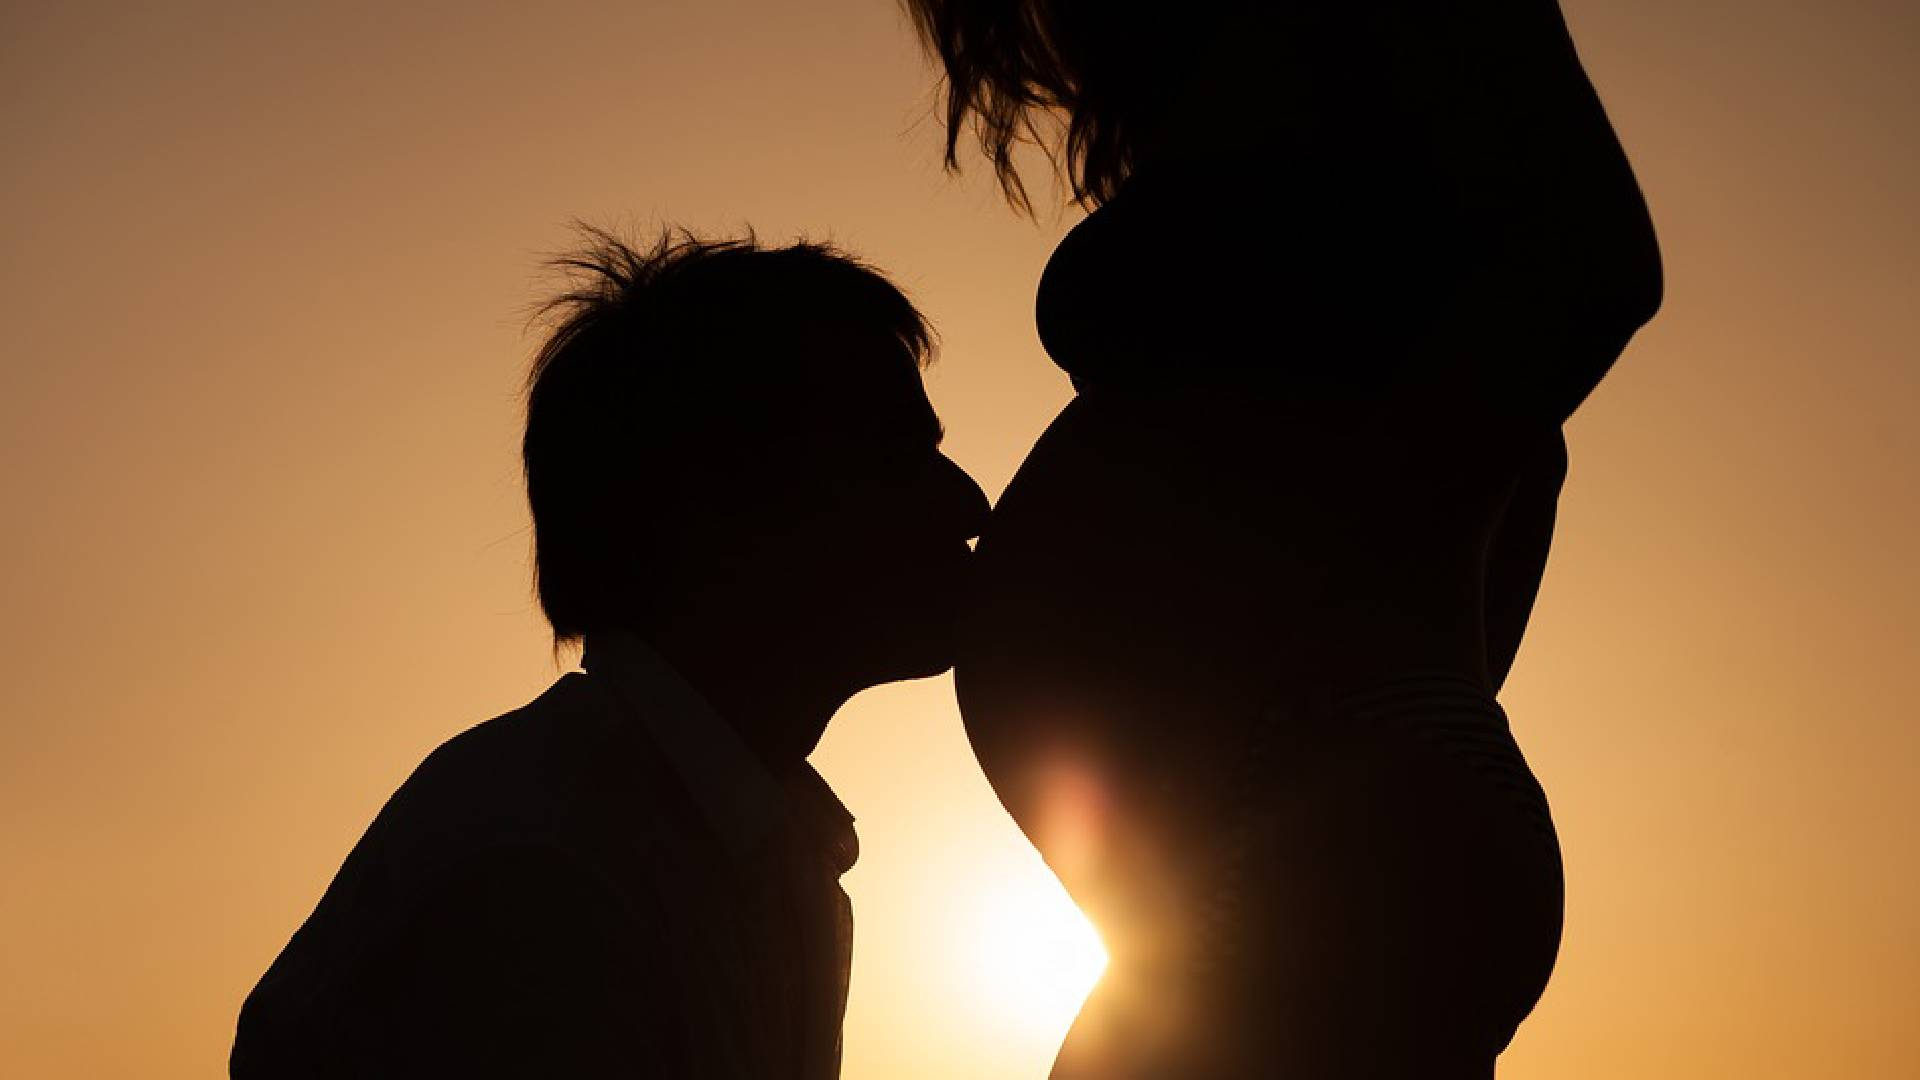 Pregnancy Care Tips: प्रेग्नेंसी के शुरूआती दिनों में रखें इन बातों का विशेष ख्याल, वरना आगे झेलनी पड़ सकती हैं